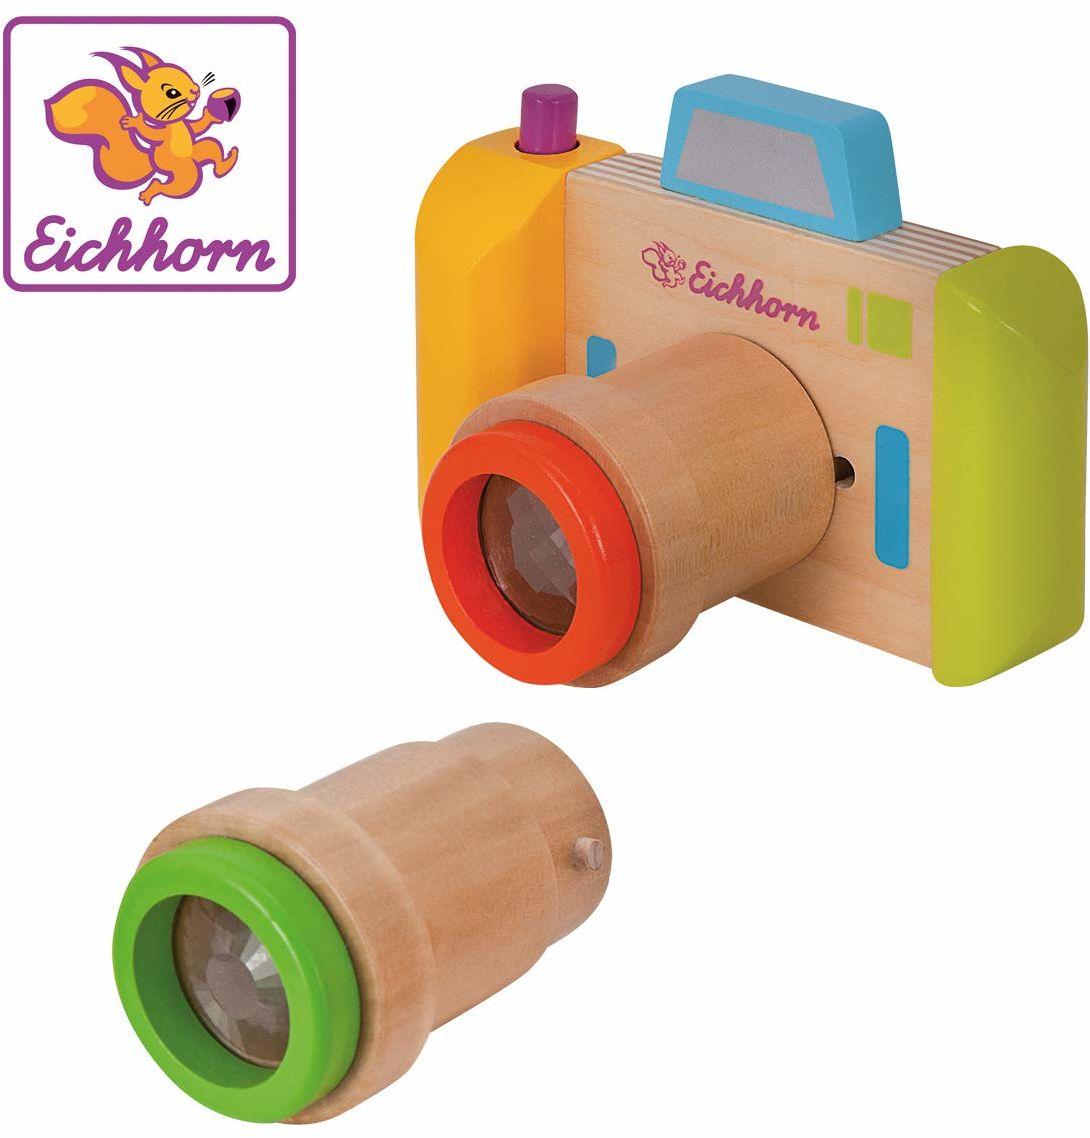 Eichhorn 100003460 kalejdoskop, 3-częściowy, aparat i 2 obiektywy, materiał, odpowiedni dla dzieci od roku życia, funkcja obrotowa, drewno brzozowe, BSK, 1J+, kolorowy, 12,5 x 9 x 7,5 cm